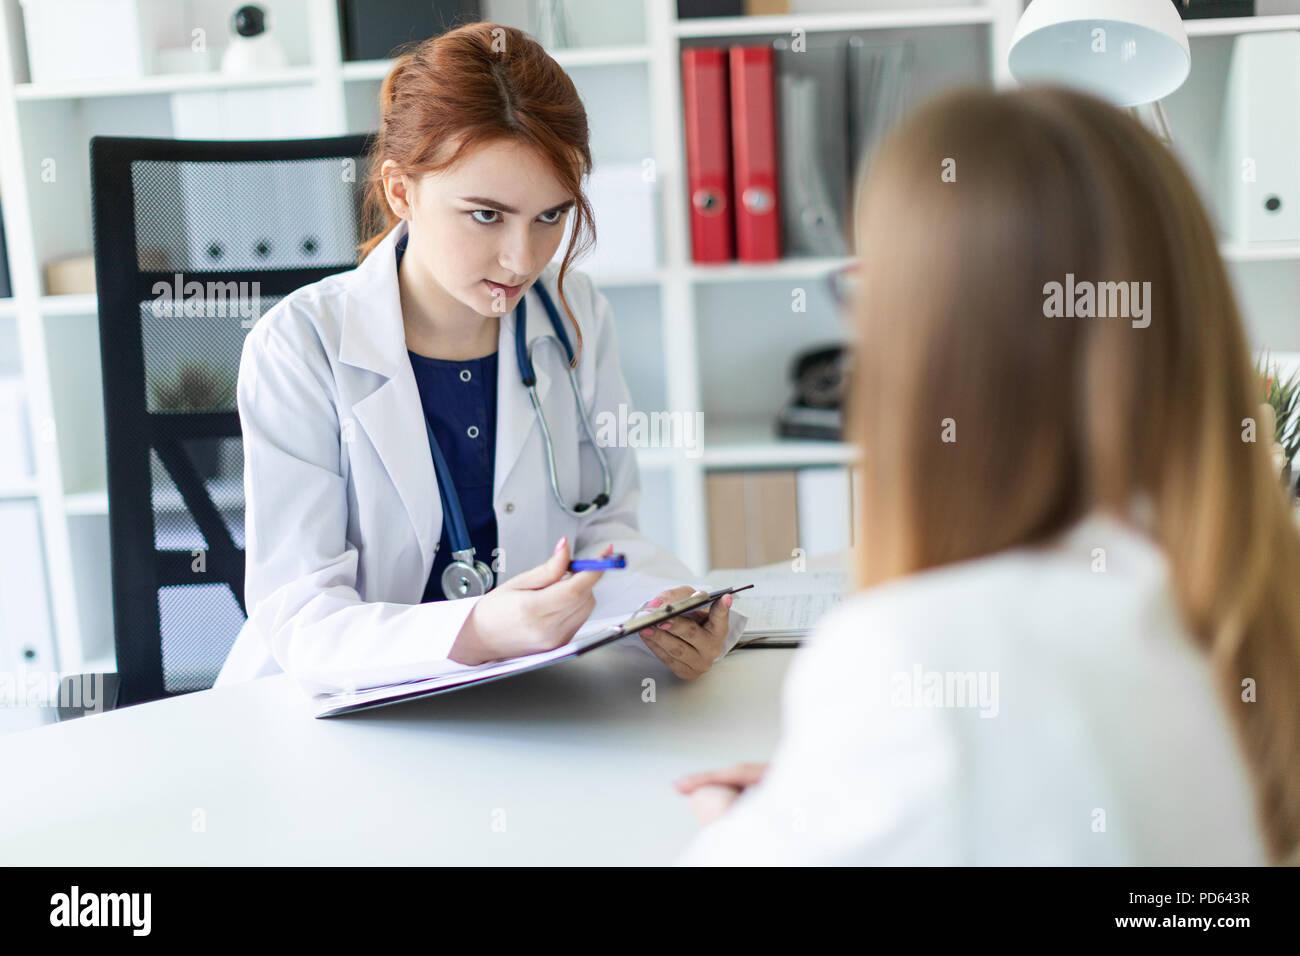 Una hermosa joven vestida con una túnica blanca está sentado en el escritorio de la oficina y la comunicación con el interlocutor. La niña toma notas en la hoja. Foto de stock